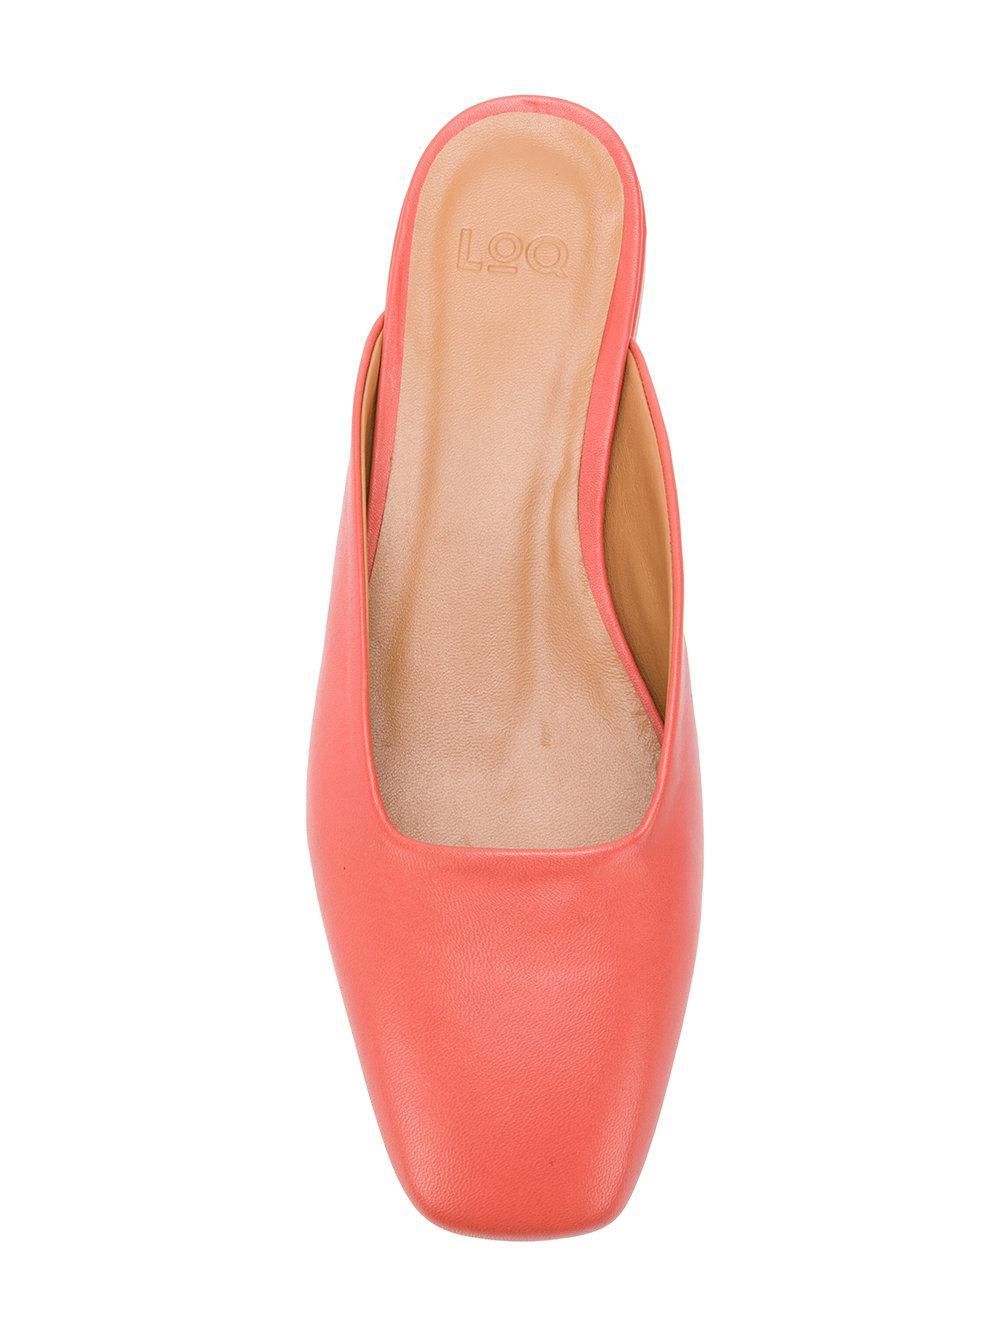 square toe mule - Pink & Purple LOQ e6tpSLEYC